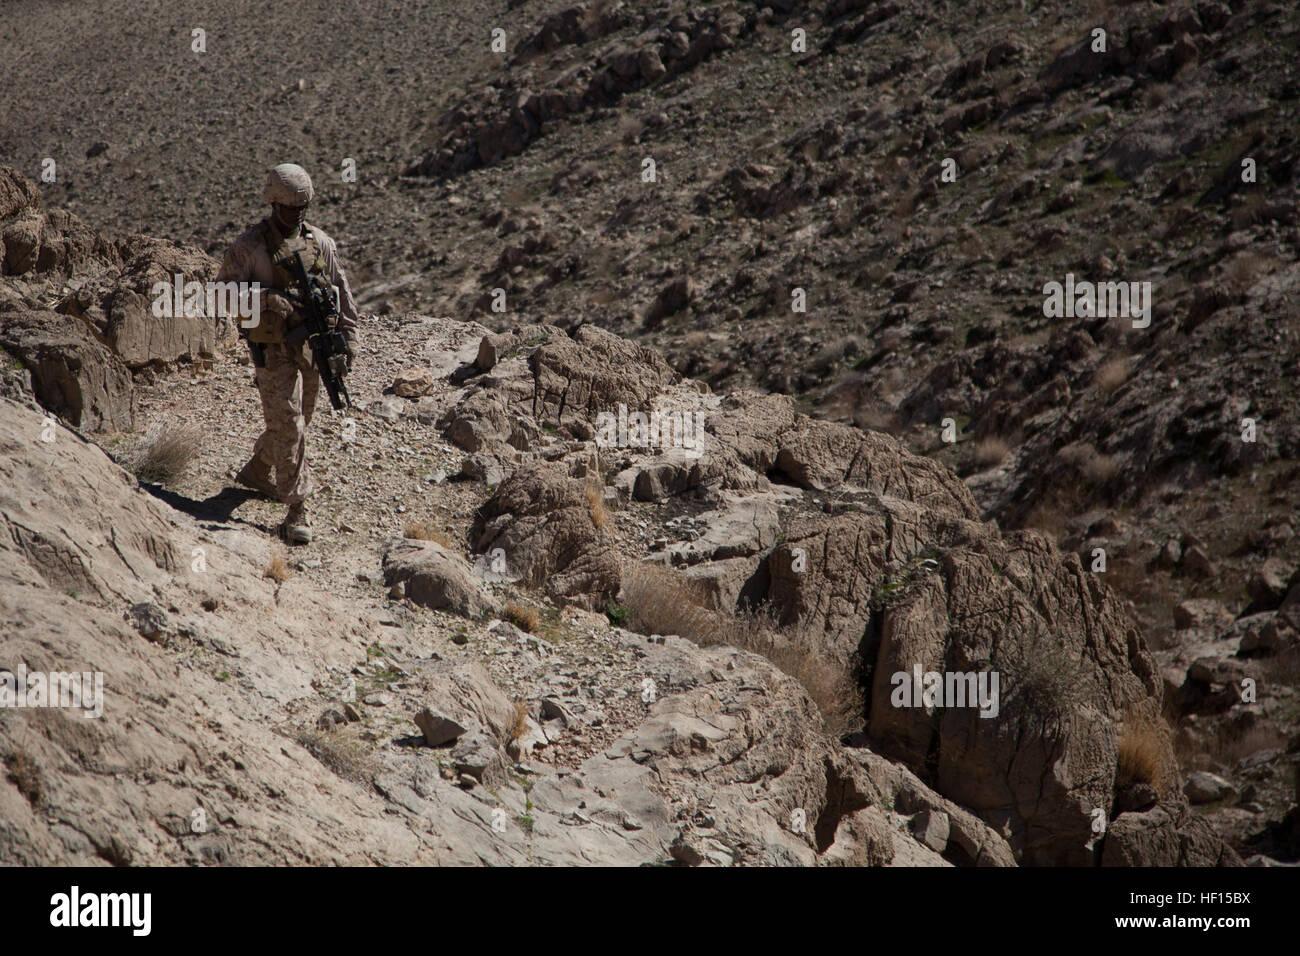 Stati Uniti Marine Corps Gunnery Sgt. Donnie ponti, la società gunnery sergente con Echo Company, 2° Battaglione, 7° Reggimento Marine, Regimental Combat Team 7, si arrampica su di una collina di condurre un sondaggio del sito nel quartiere Kajaki, provincia di Helmand, Afghanistan, Febbraio 8, 2013. (U.S. Marine Corps foto di Cpl. Kowshon Ye/RILASCIATO) 130208-M-QZ858-031 (8473166459) Foto Stock